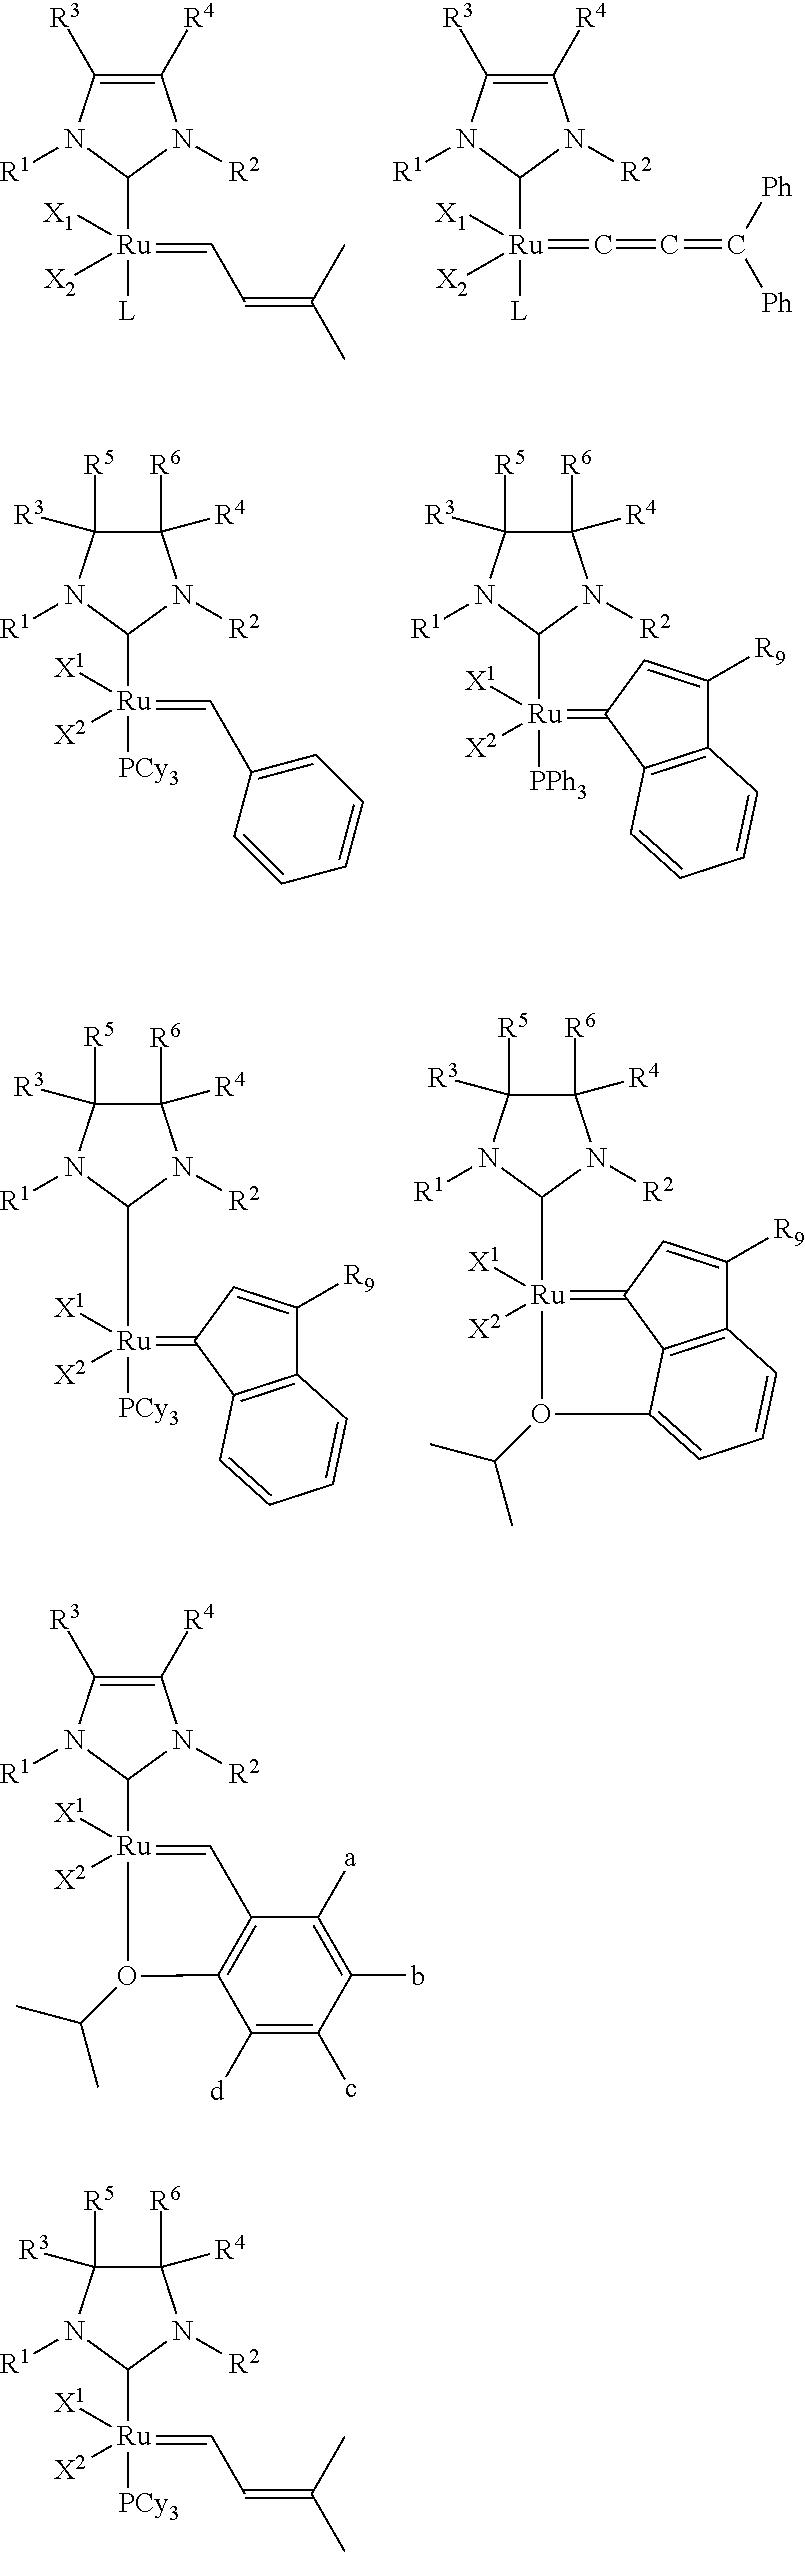 Figure US09556296-20170131-C00004